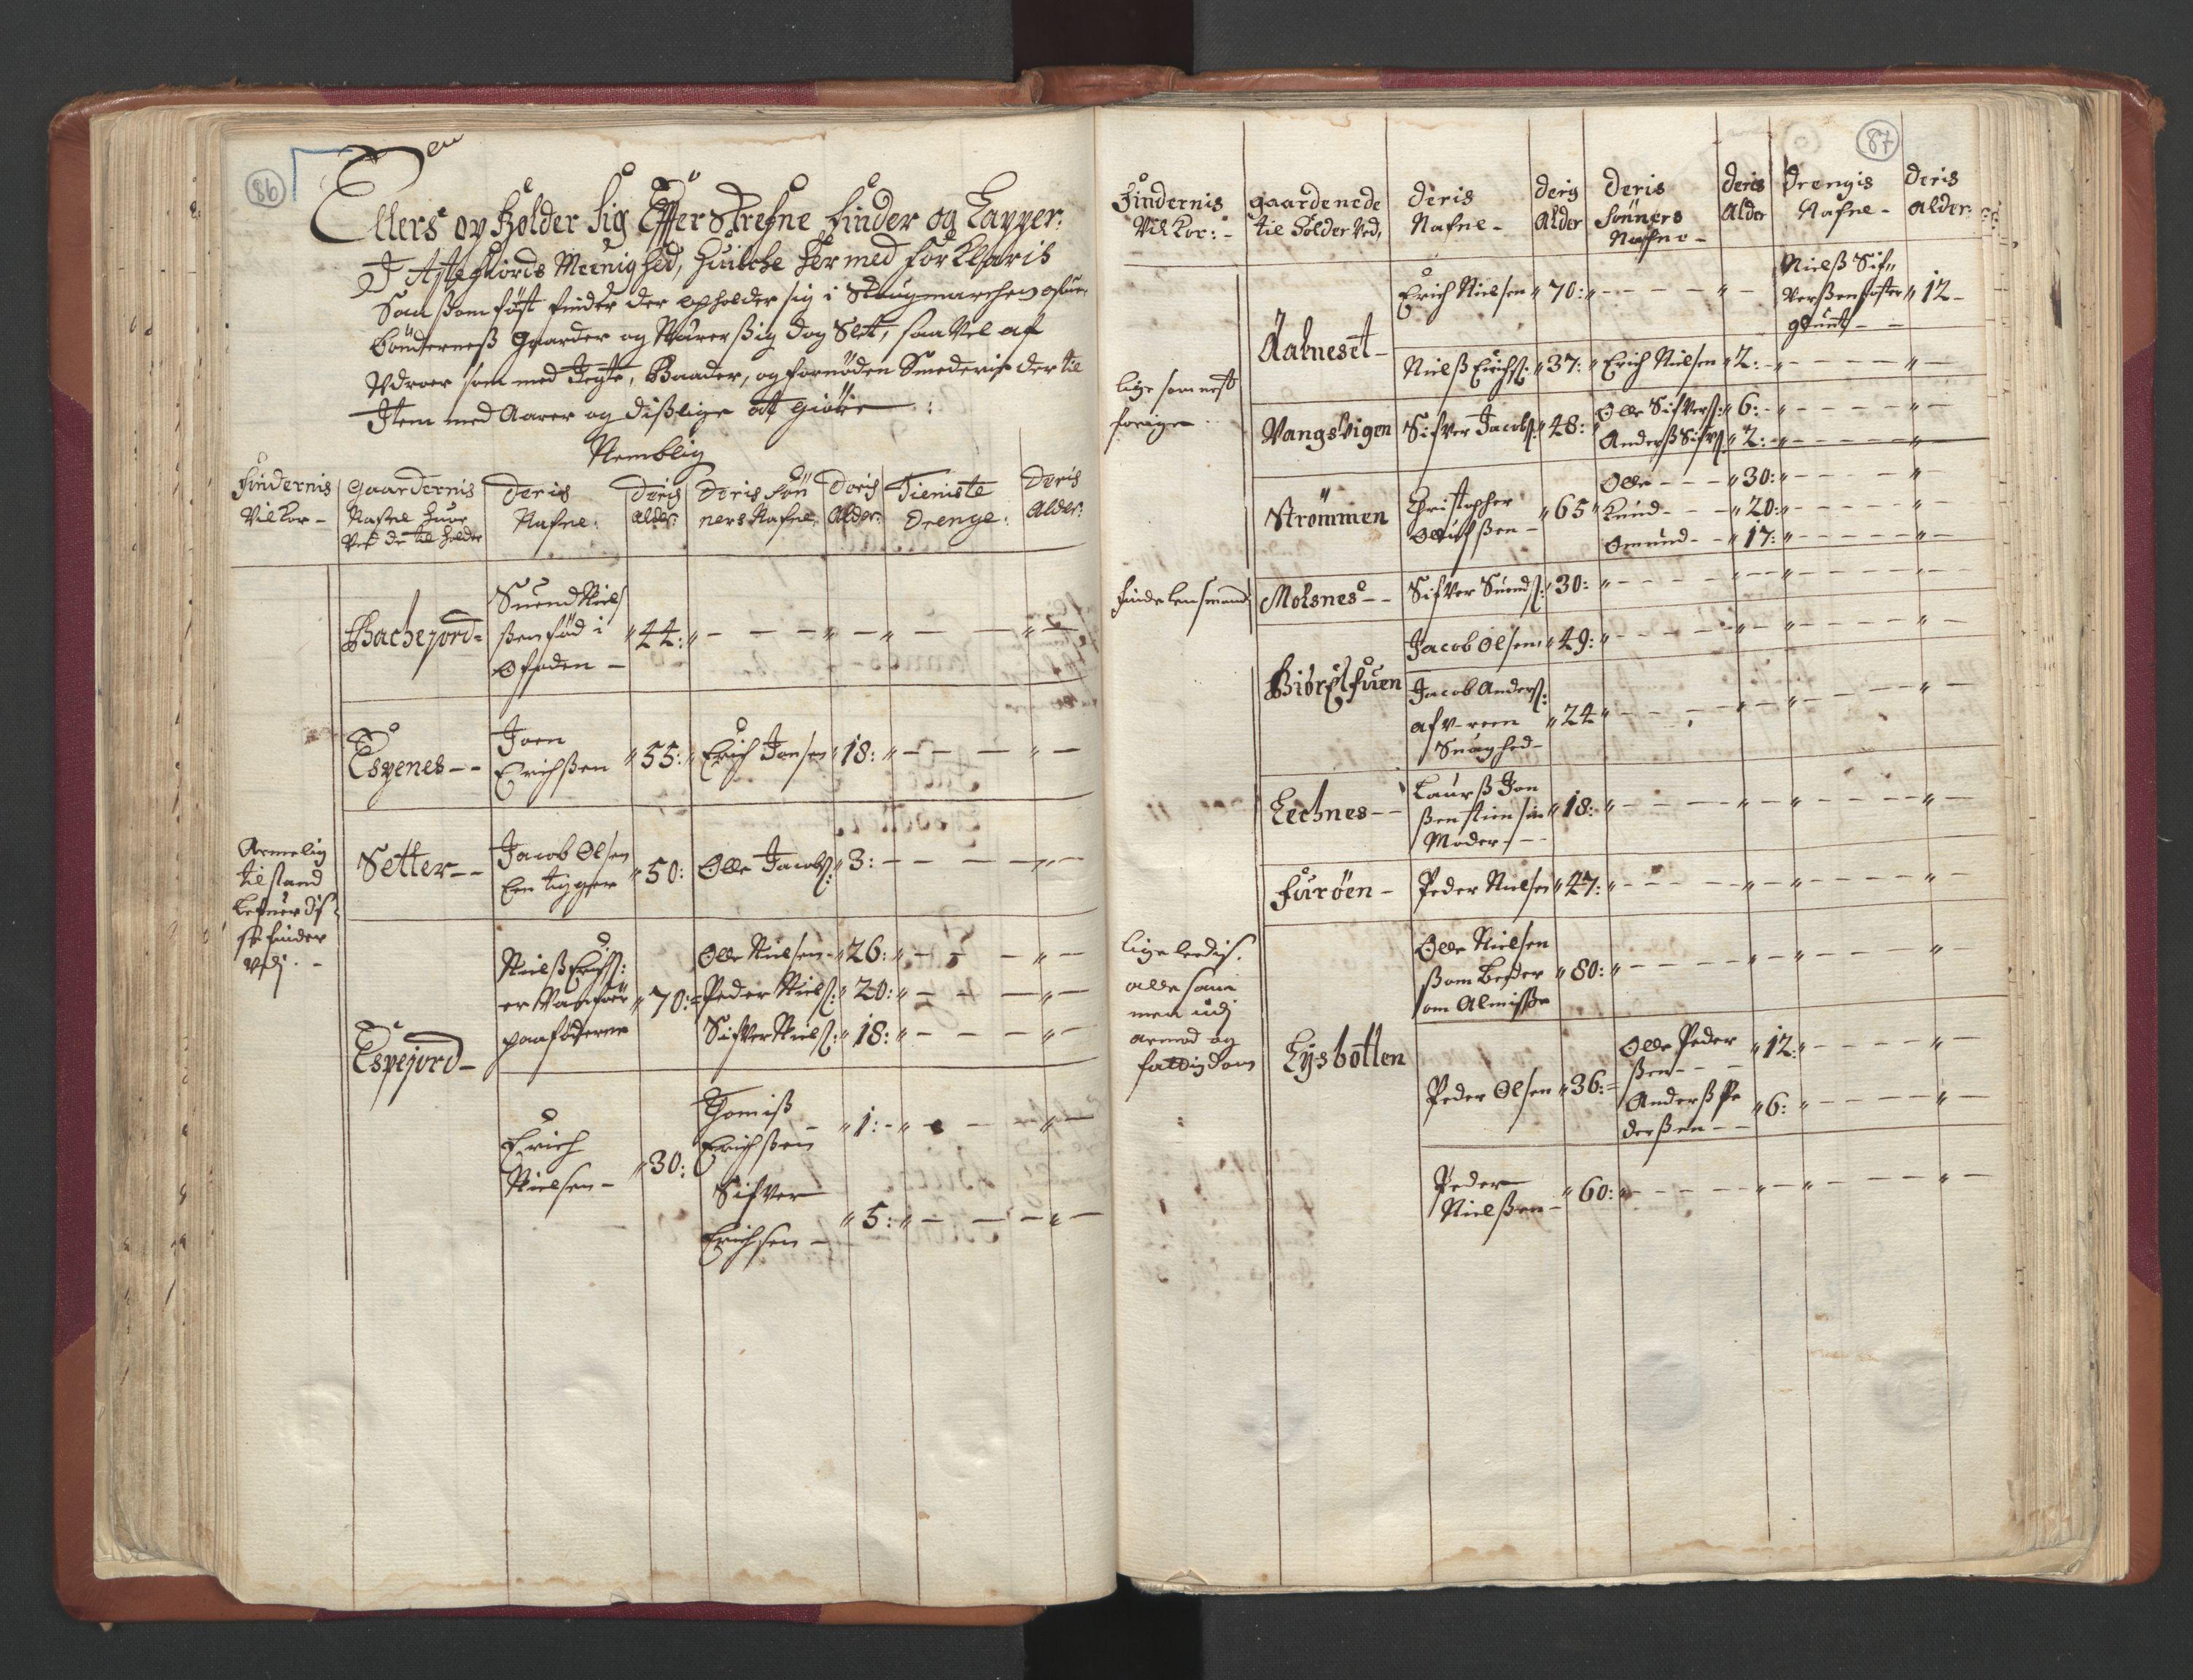 RA, Manntallet 1701, nr. 19: Senja og Tromsø fogderi, 1701, s. 86-87